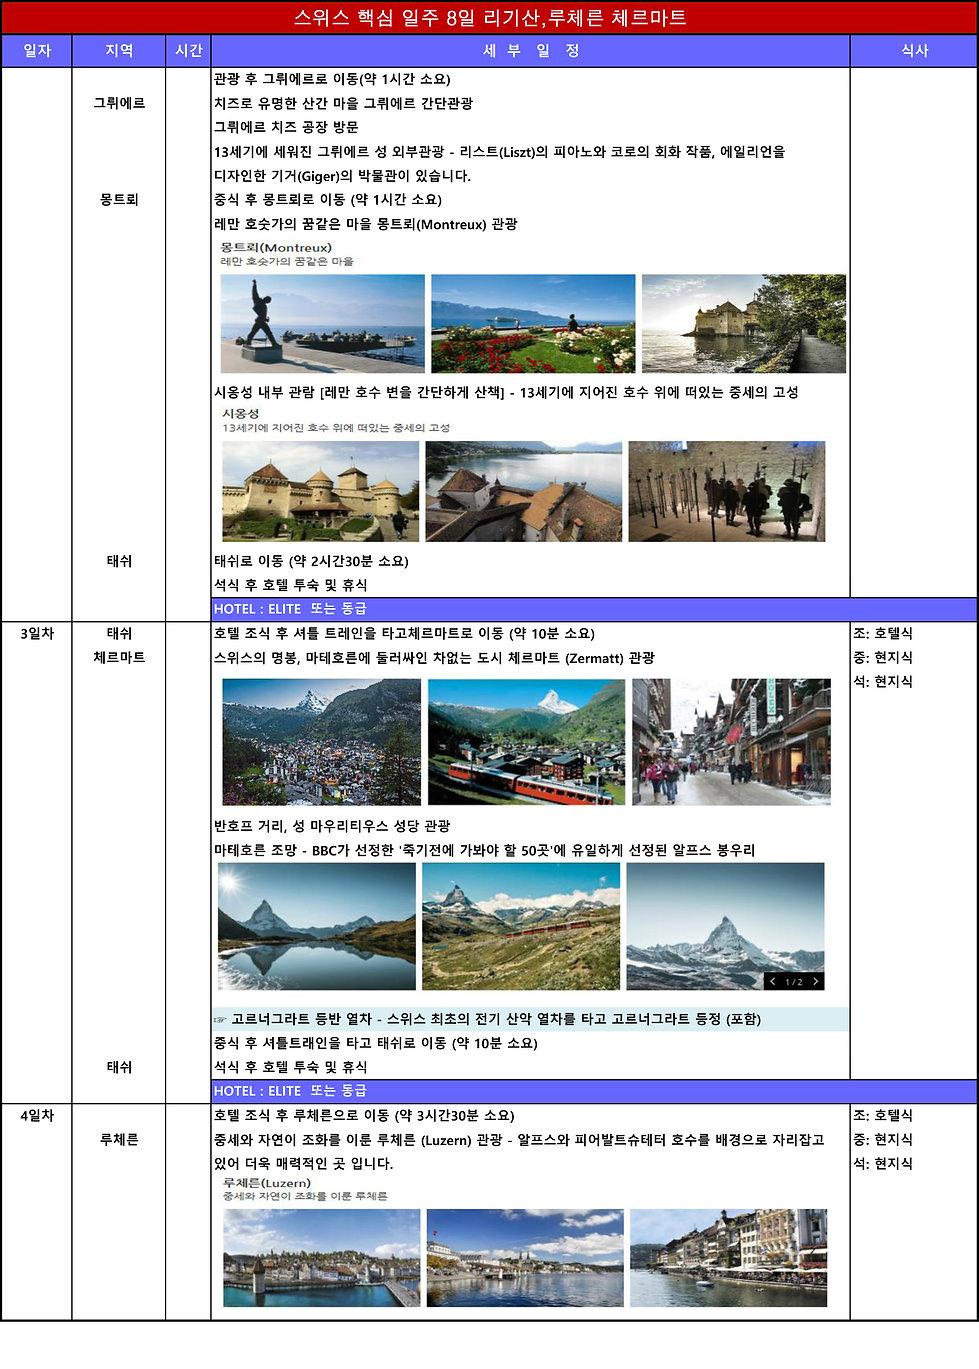 스위스핵심일주8일 일정표 9.24-2.jpg